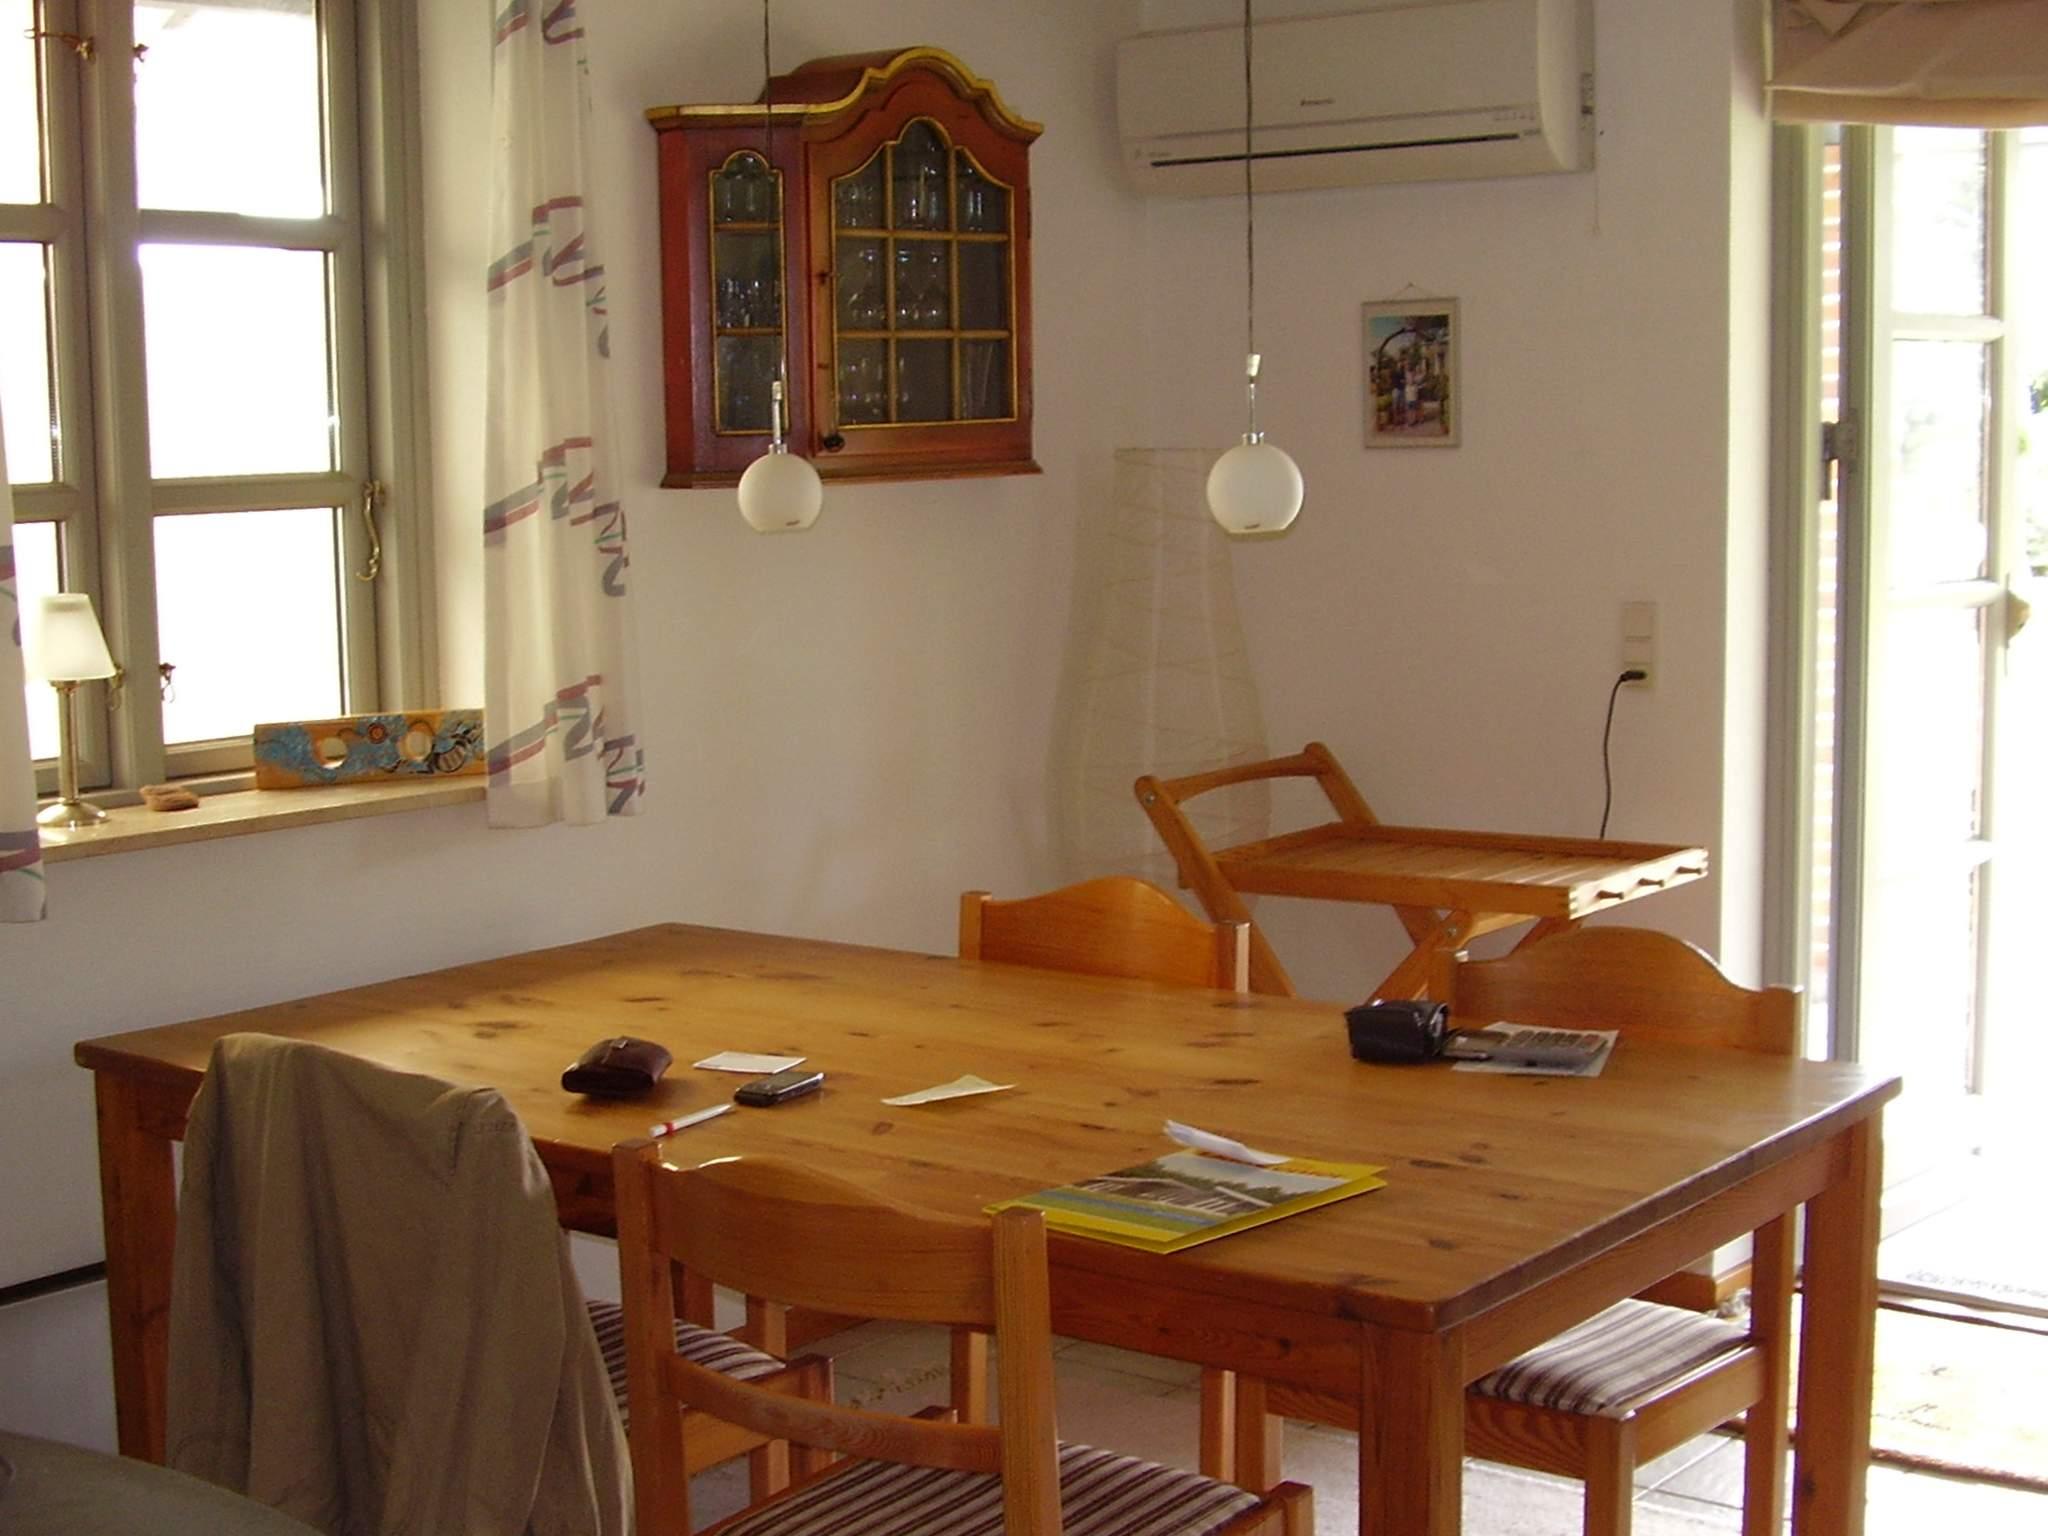 Ferienhaus Hummingen (500248), Hummingen, , Lolland, Dänemark, Bild 4